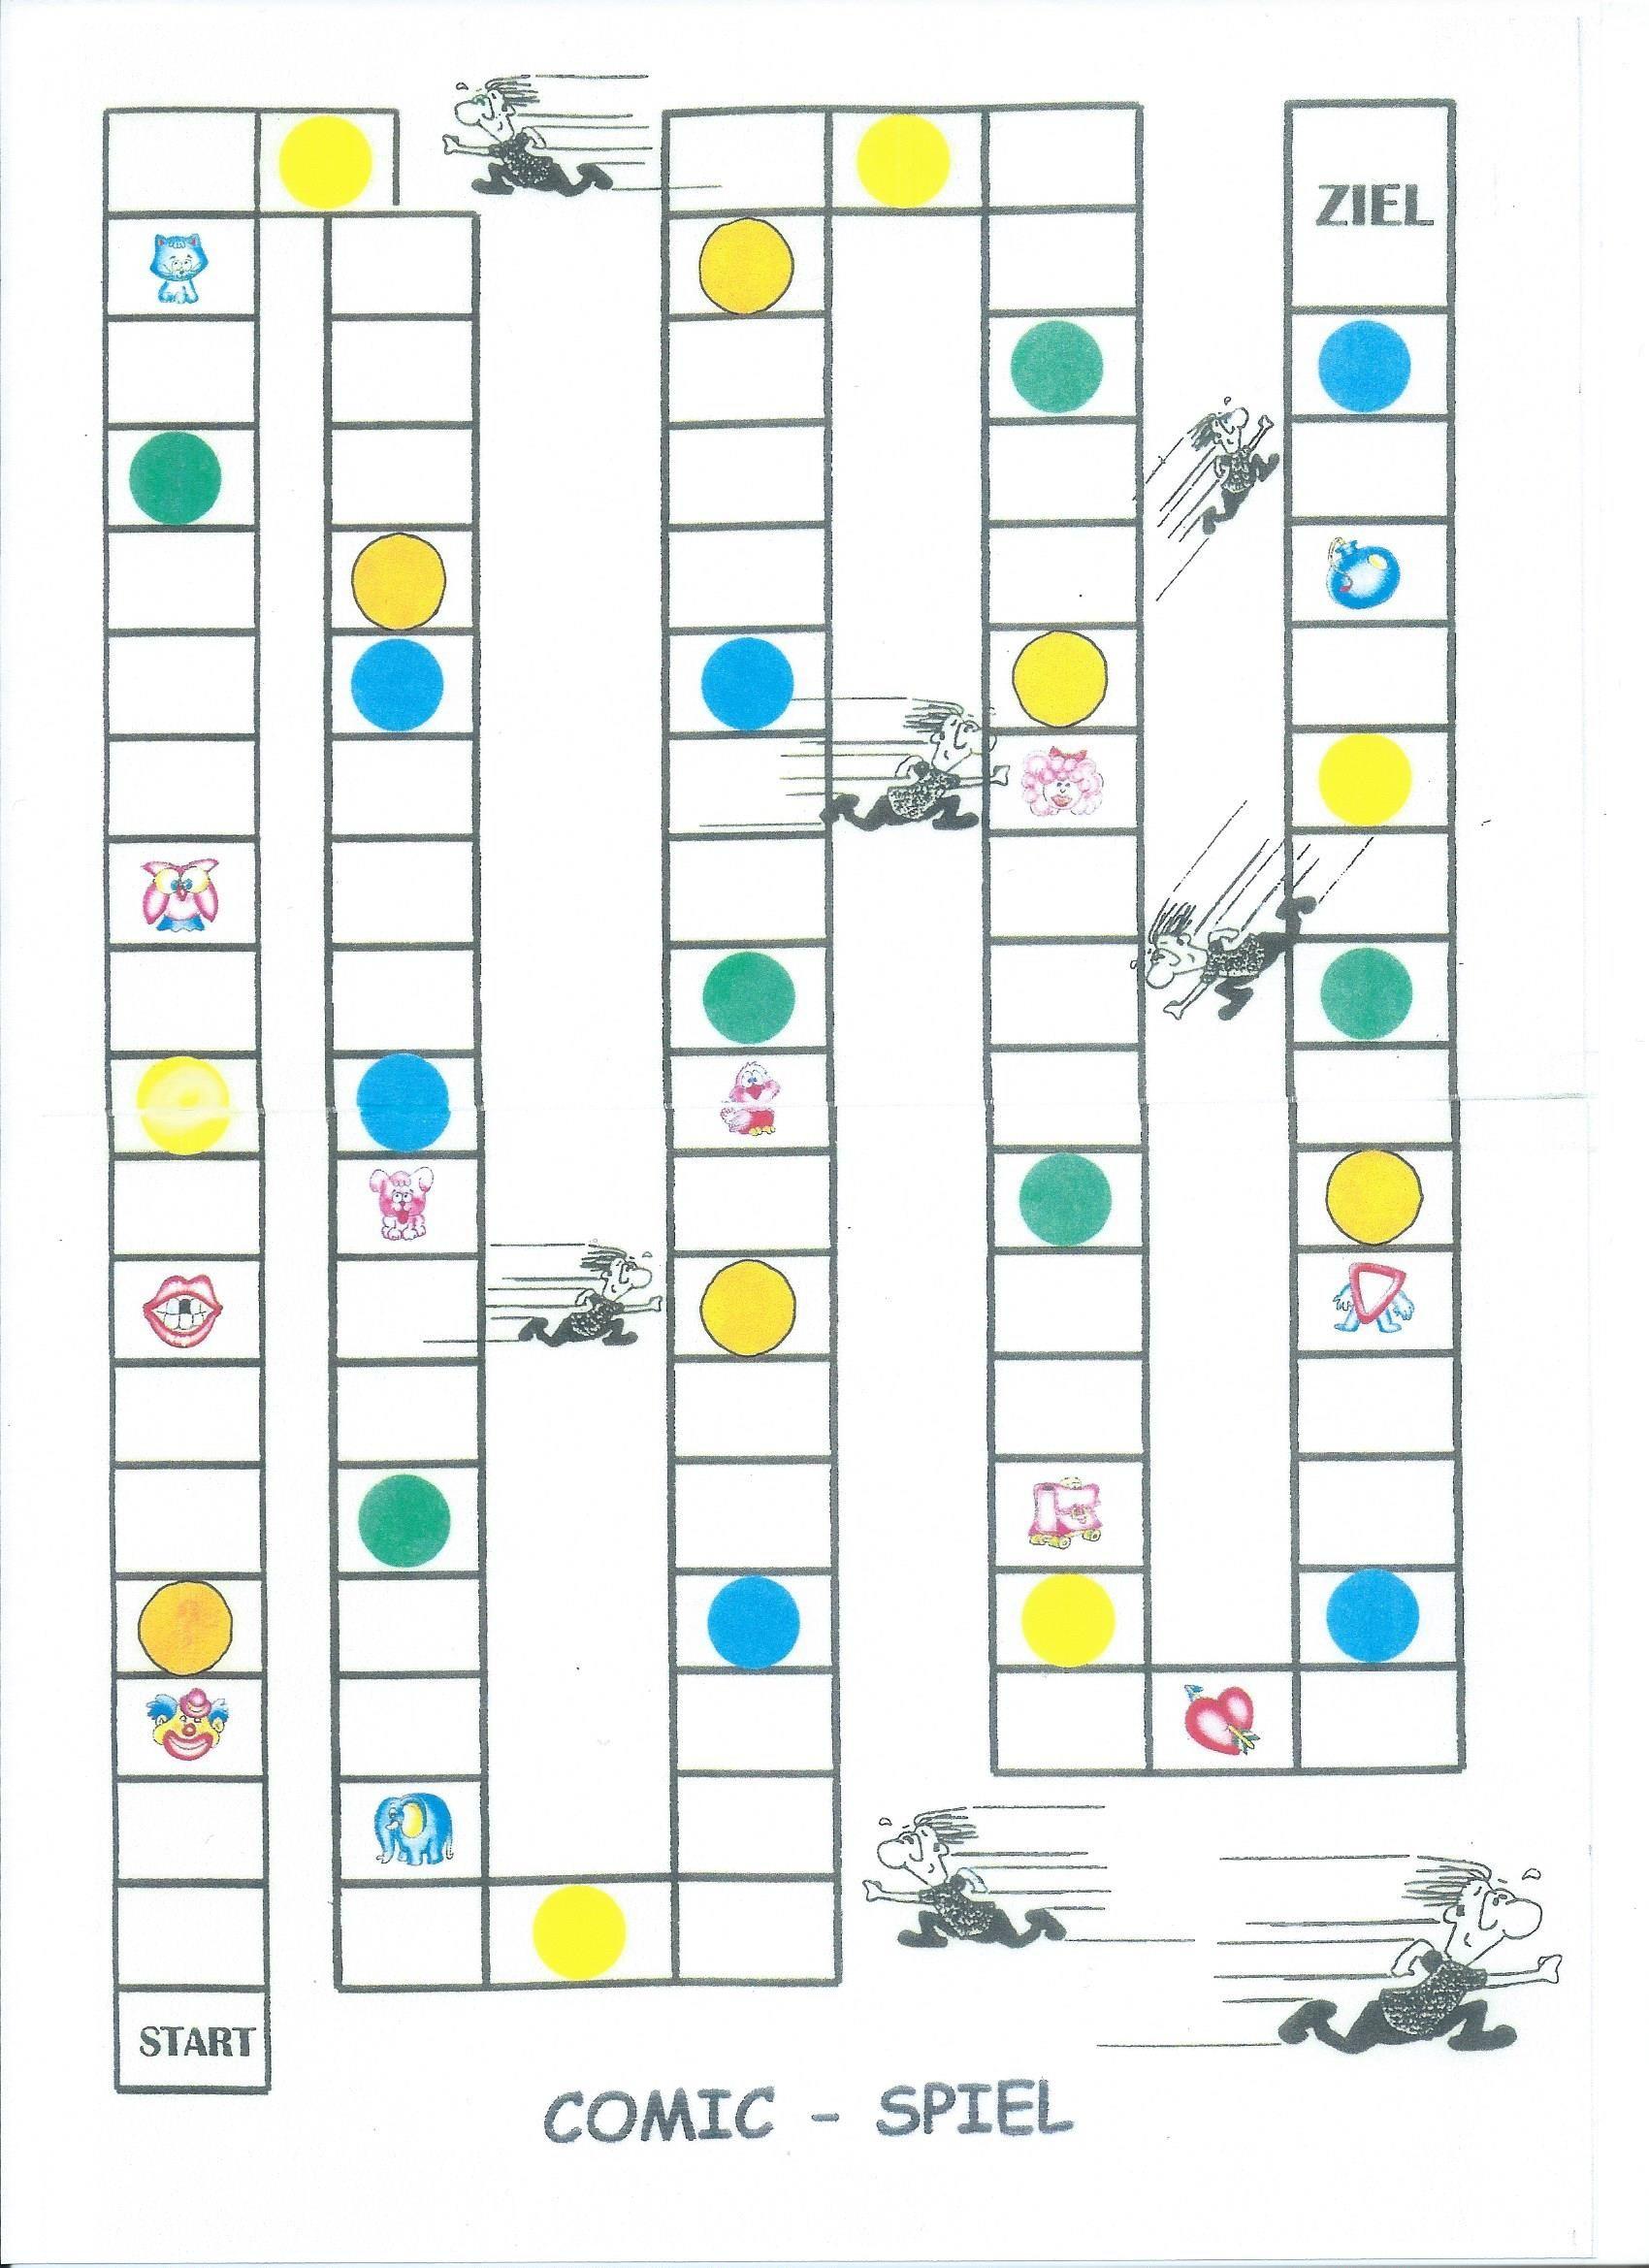 25 übungsblätter Vorschule Zum Ausdrucken Kostenlos | Coloring Pages ...